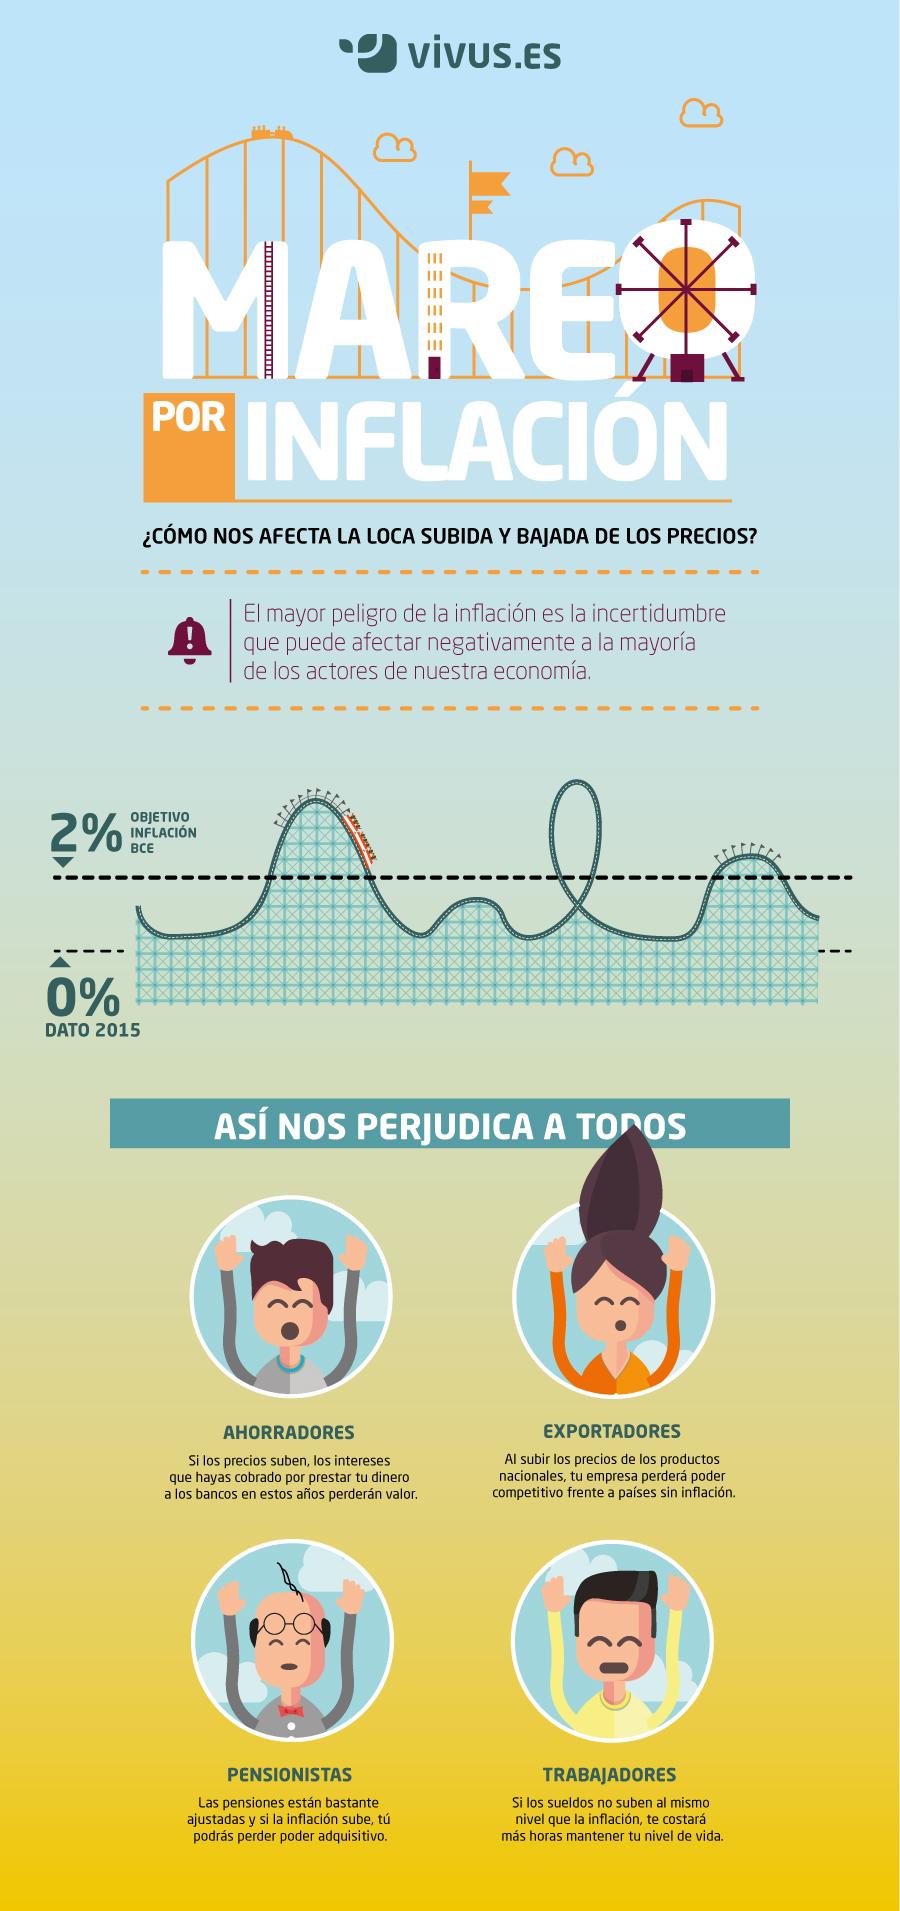 infografía qué es la inflacion